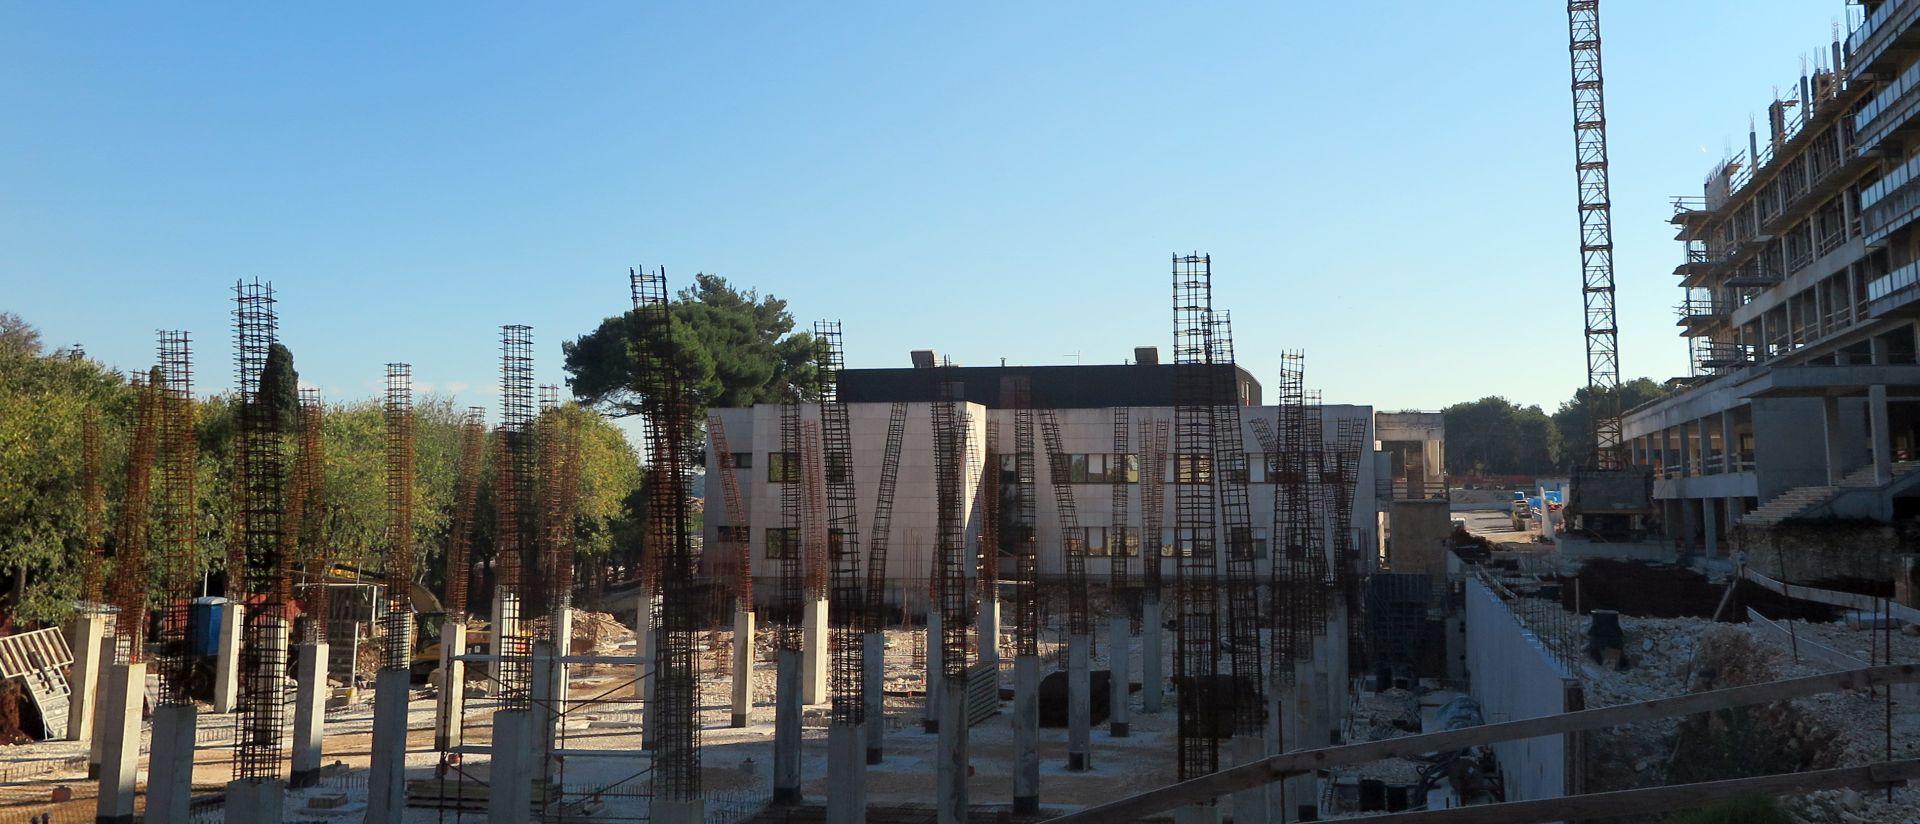 NAPREDUJE PO PLANU: Ministar Varga obišao gradilište nove bolnice u Puli